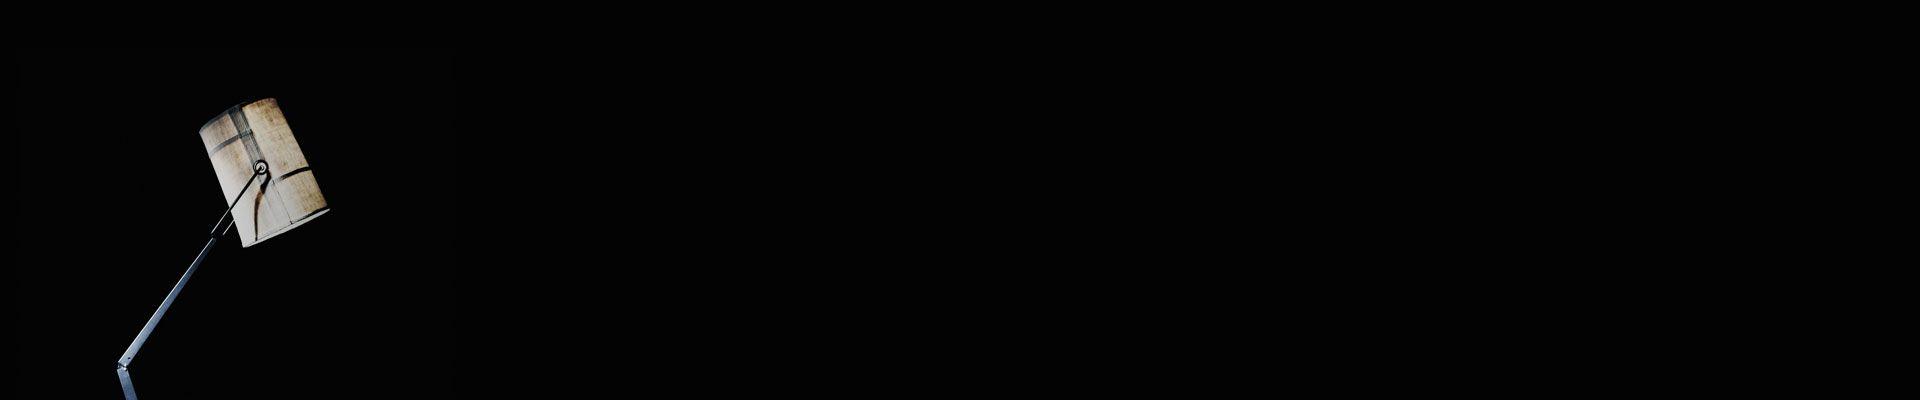 Diesel vloerlampen